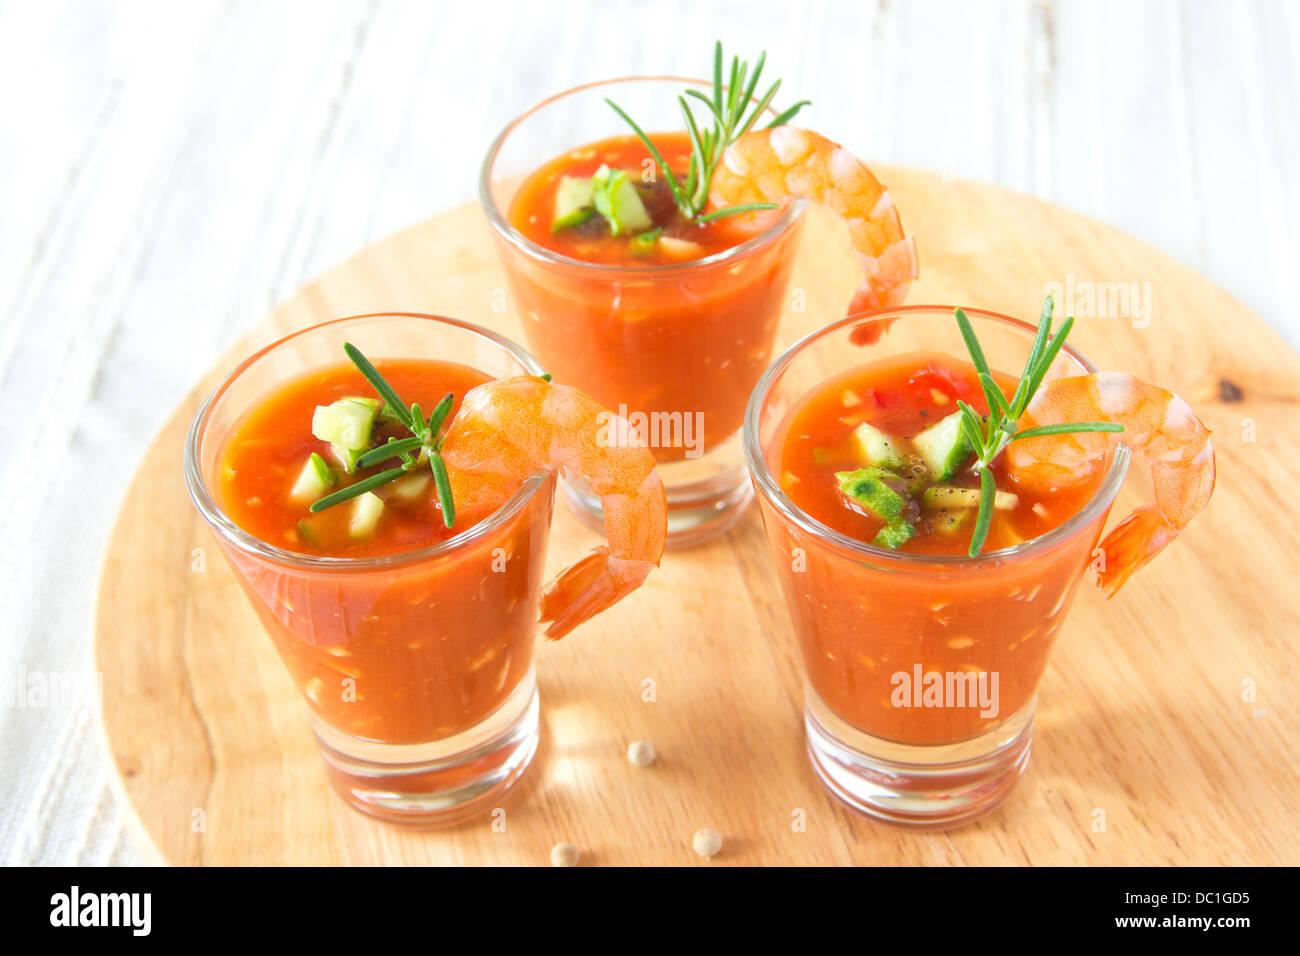 Delicioso Dulce sabroso Gazpacho sopa de tomate fría en parte con gafas de camarones en placa de madera, primer Imagen De Stock